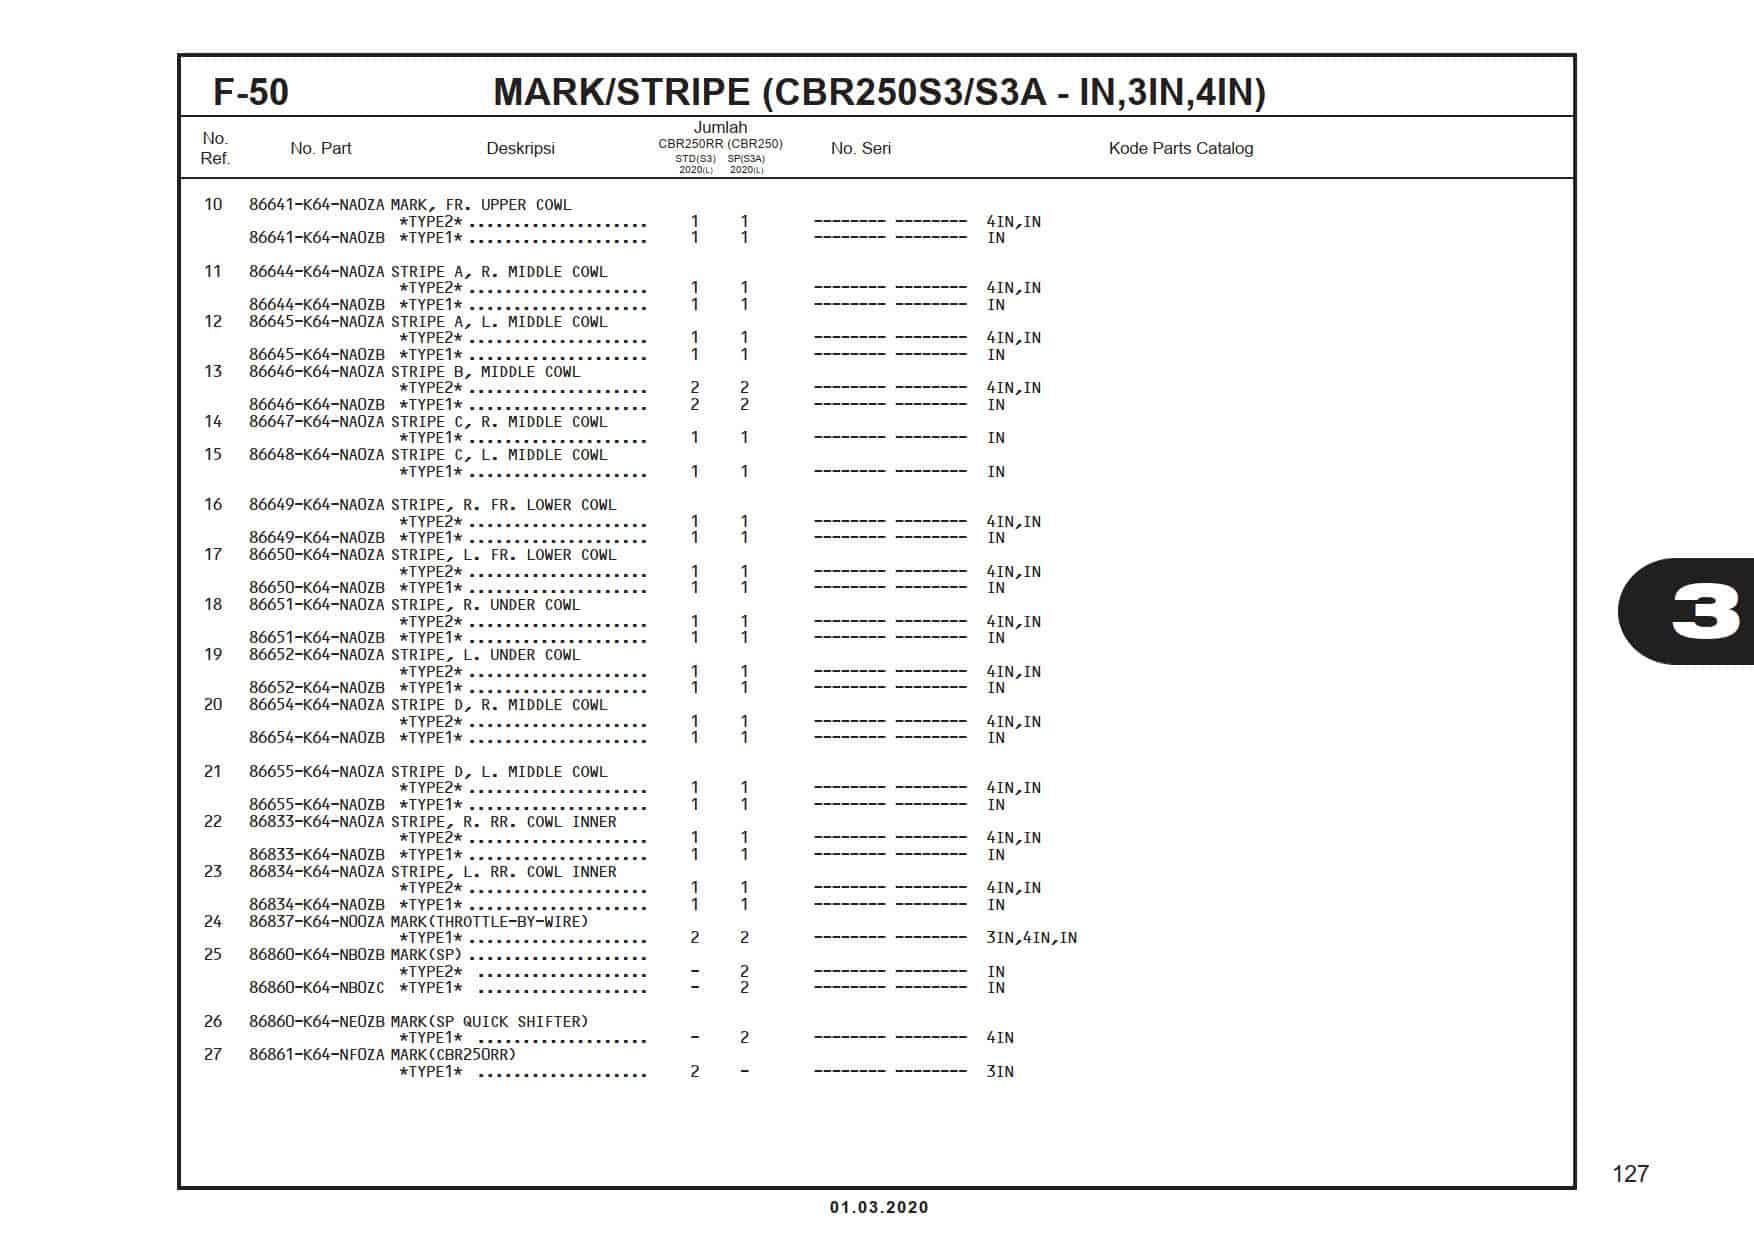 F-50 Mark/Stripe (CBR250S3/S3A-IN,3IN,4IN)